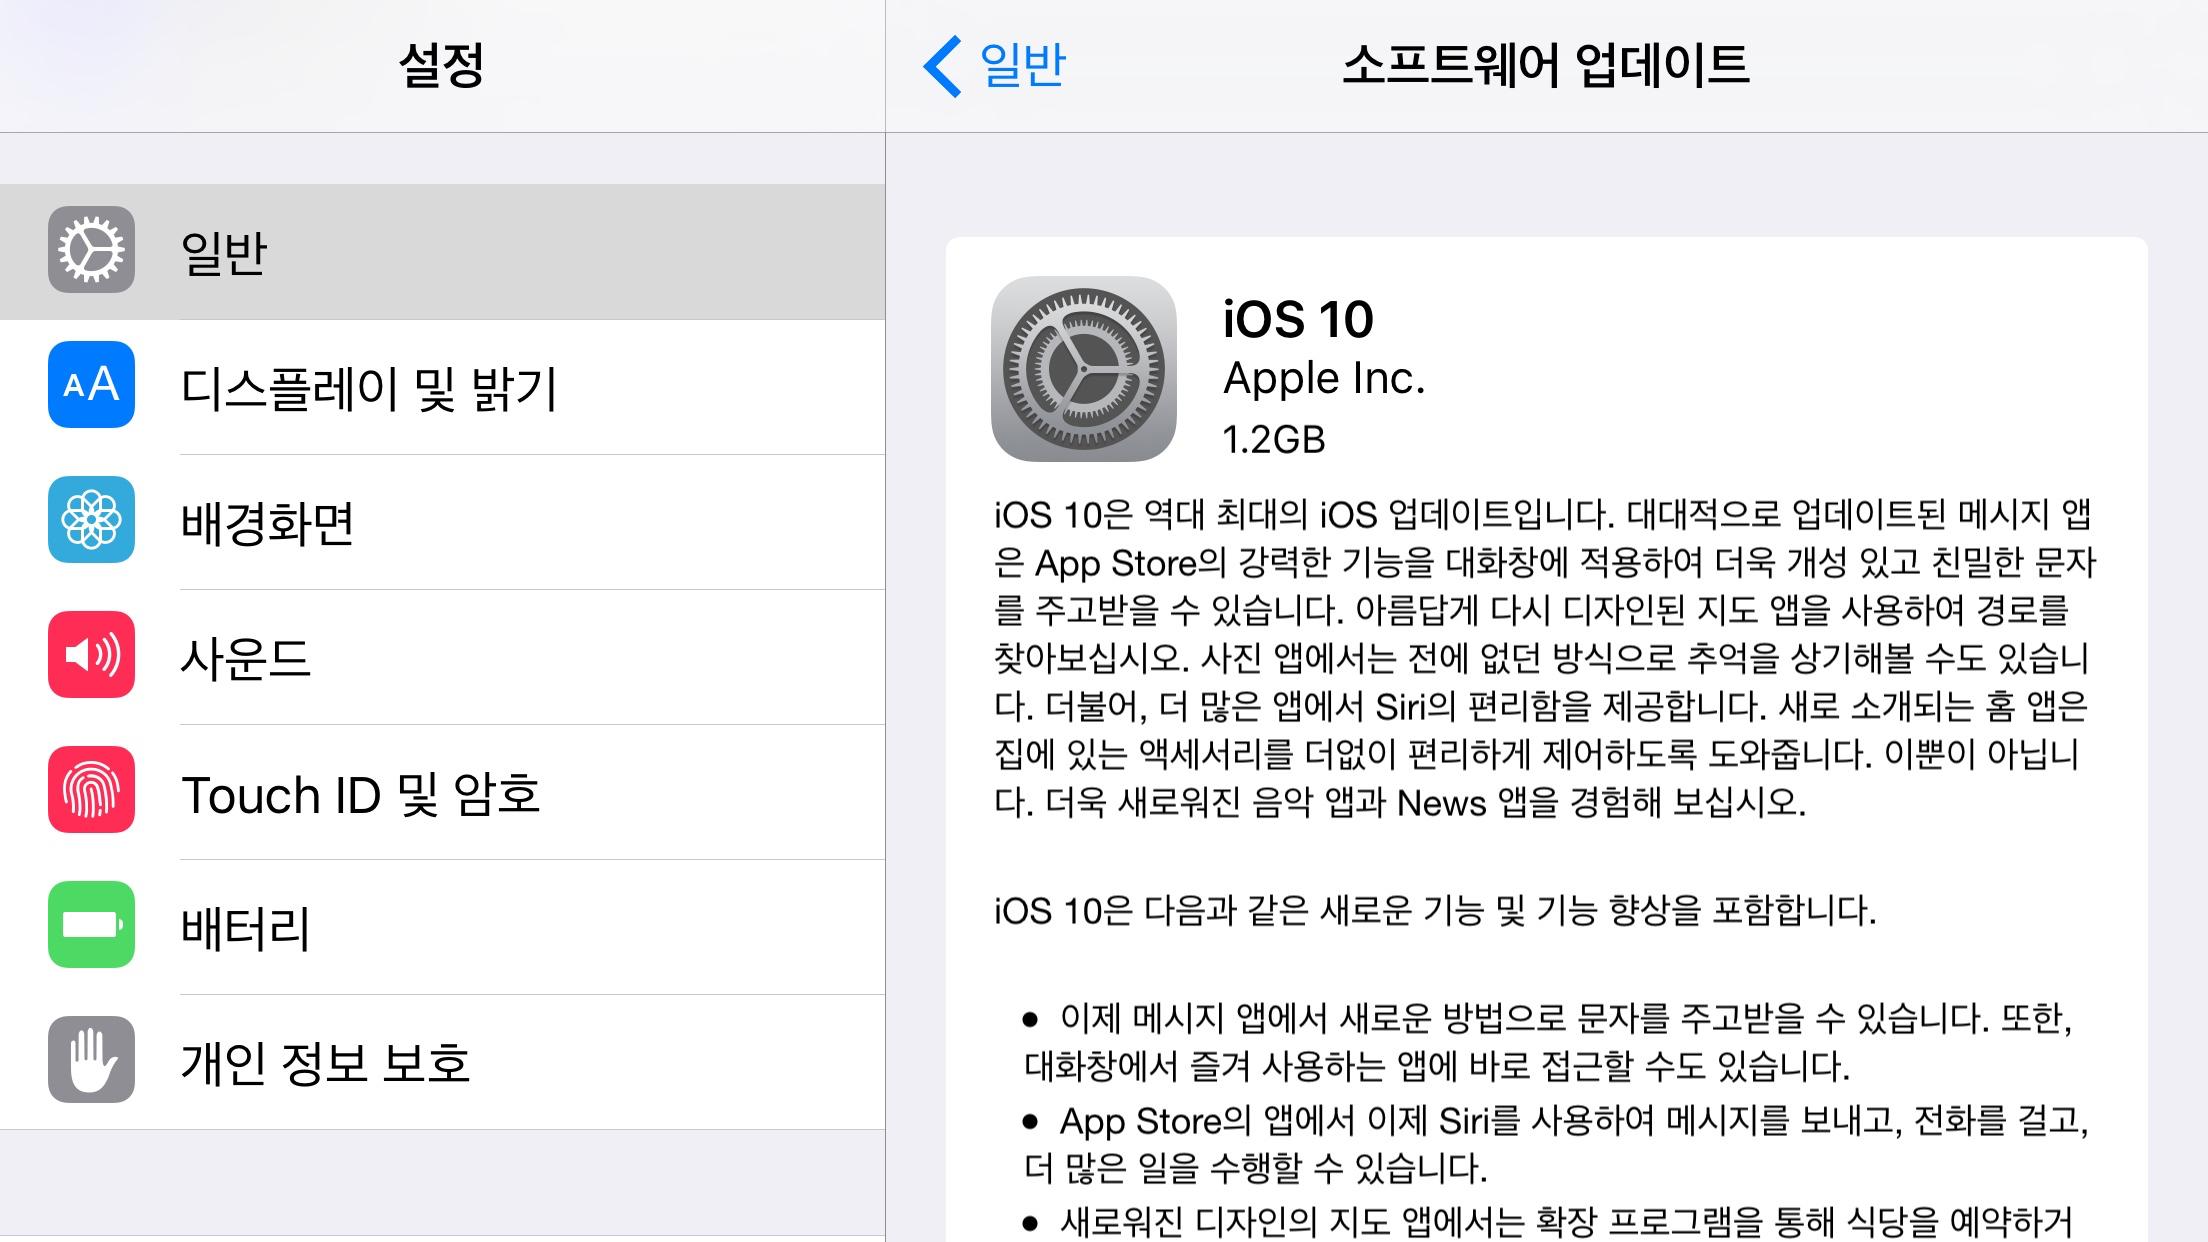 apple_ios10